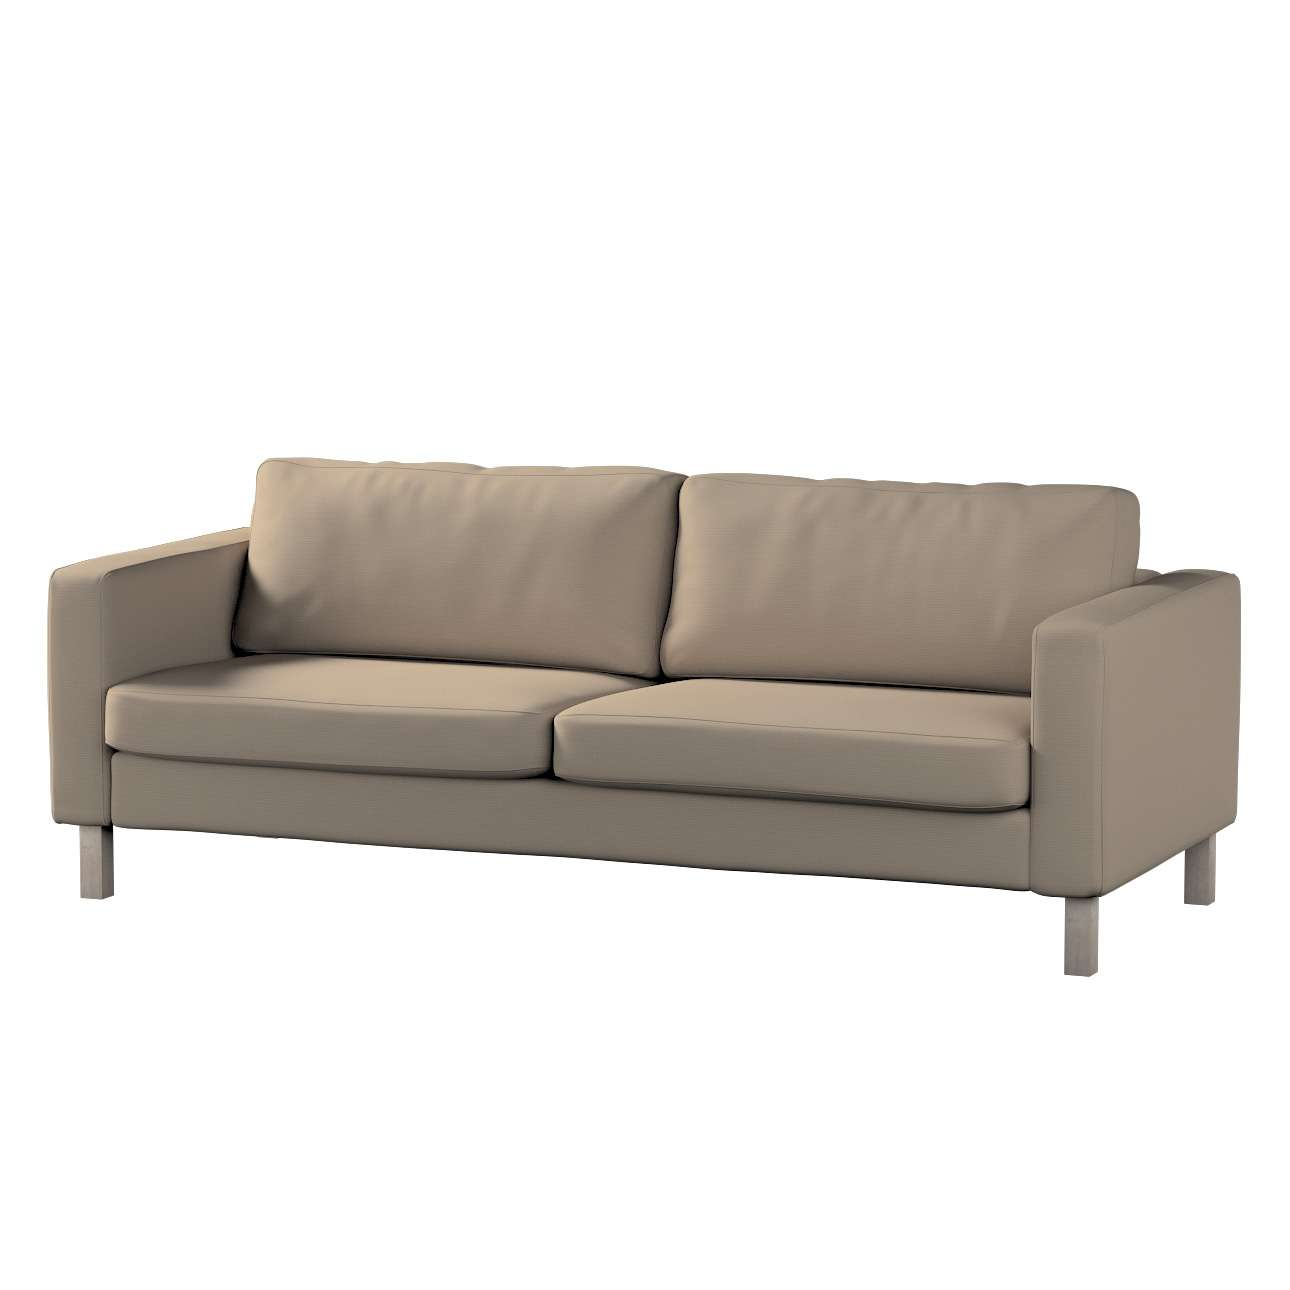 Poťah na sedačku Karlstad (nerozkladá sa, pre 3 osoby, krátka) Poťah na sedačku Karlstad - pre 3 osoby, nerozkladá sa, krátka V kolekcii Cotton Panama, tkanina: 702-28